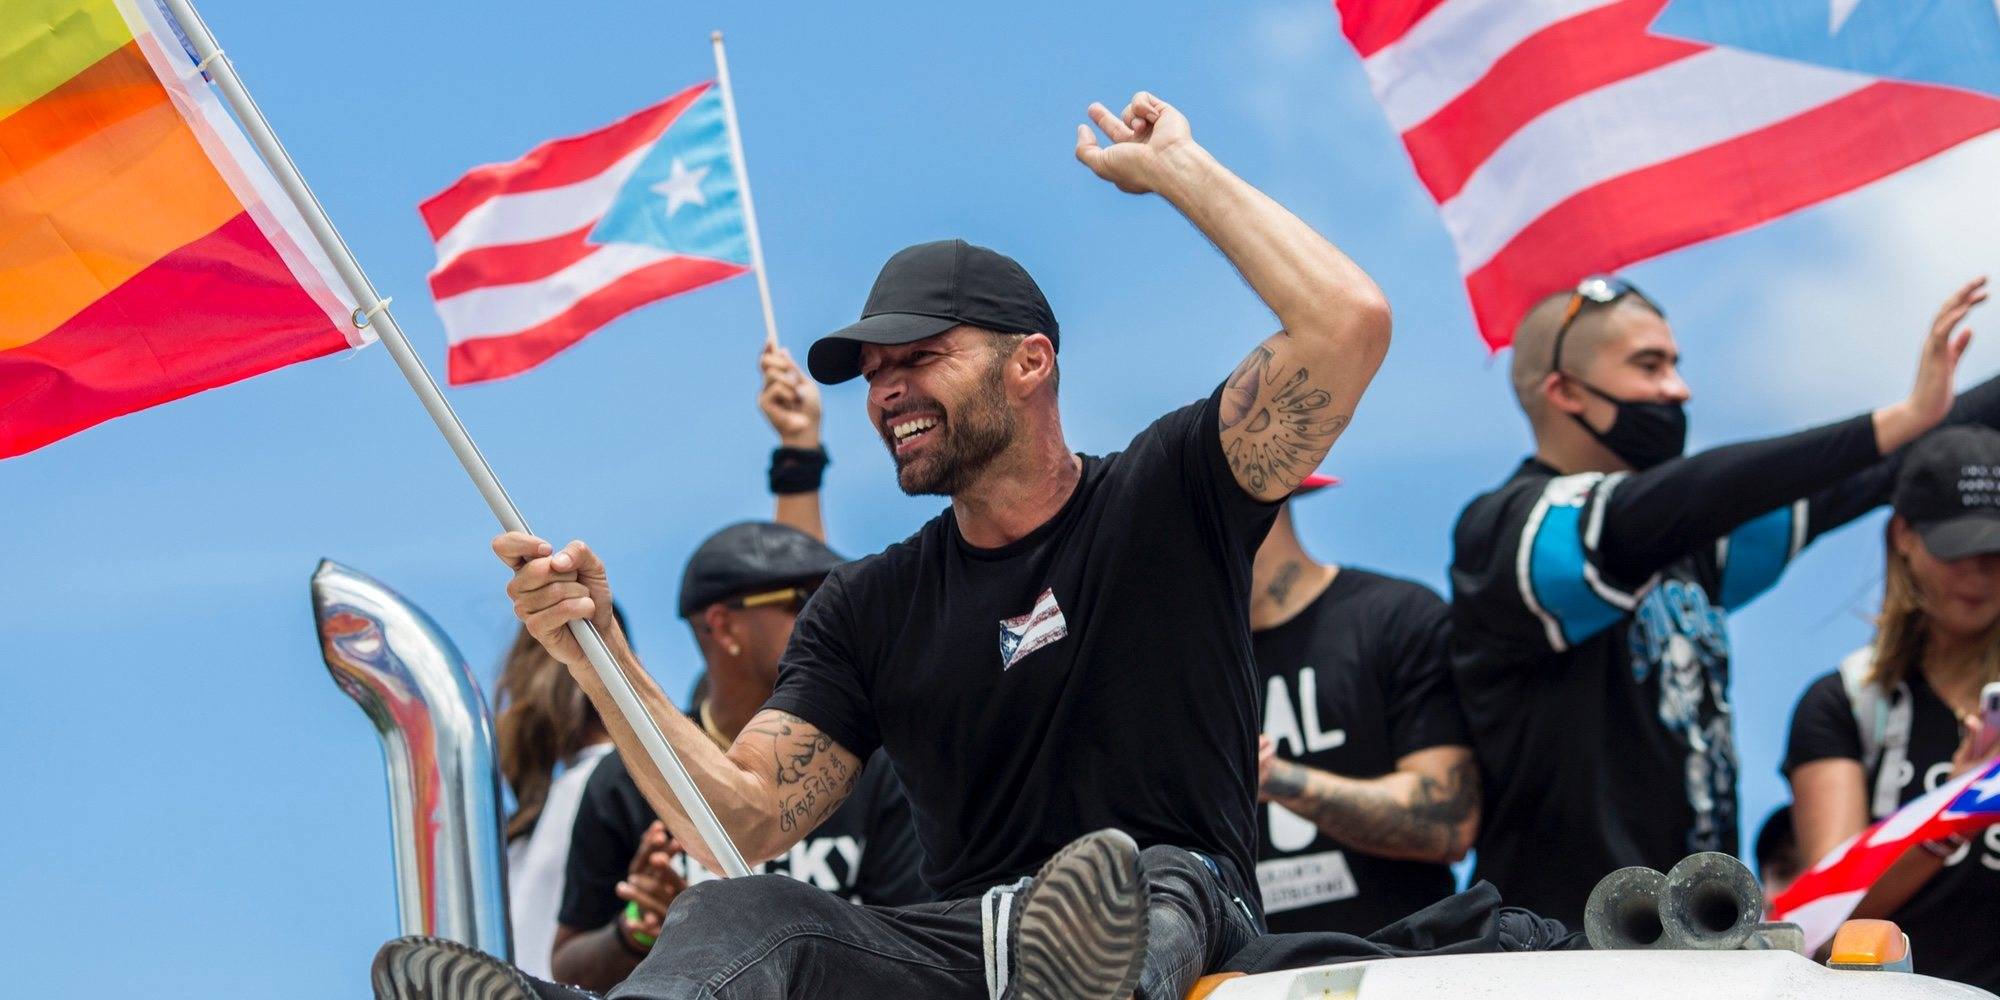 Ricky Martin, Daddy Yankee y Bad Bunny exigen la renuncia del gobernador de Puerto Rico